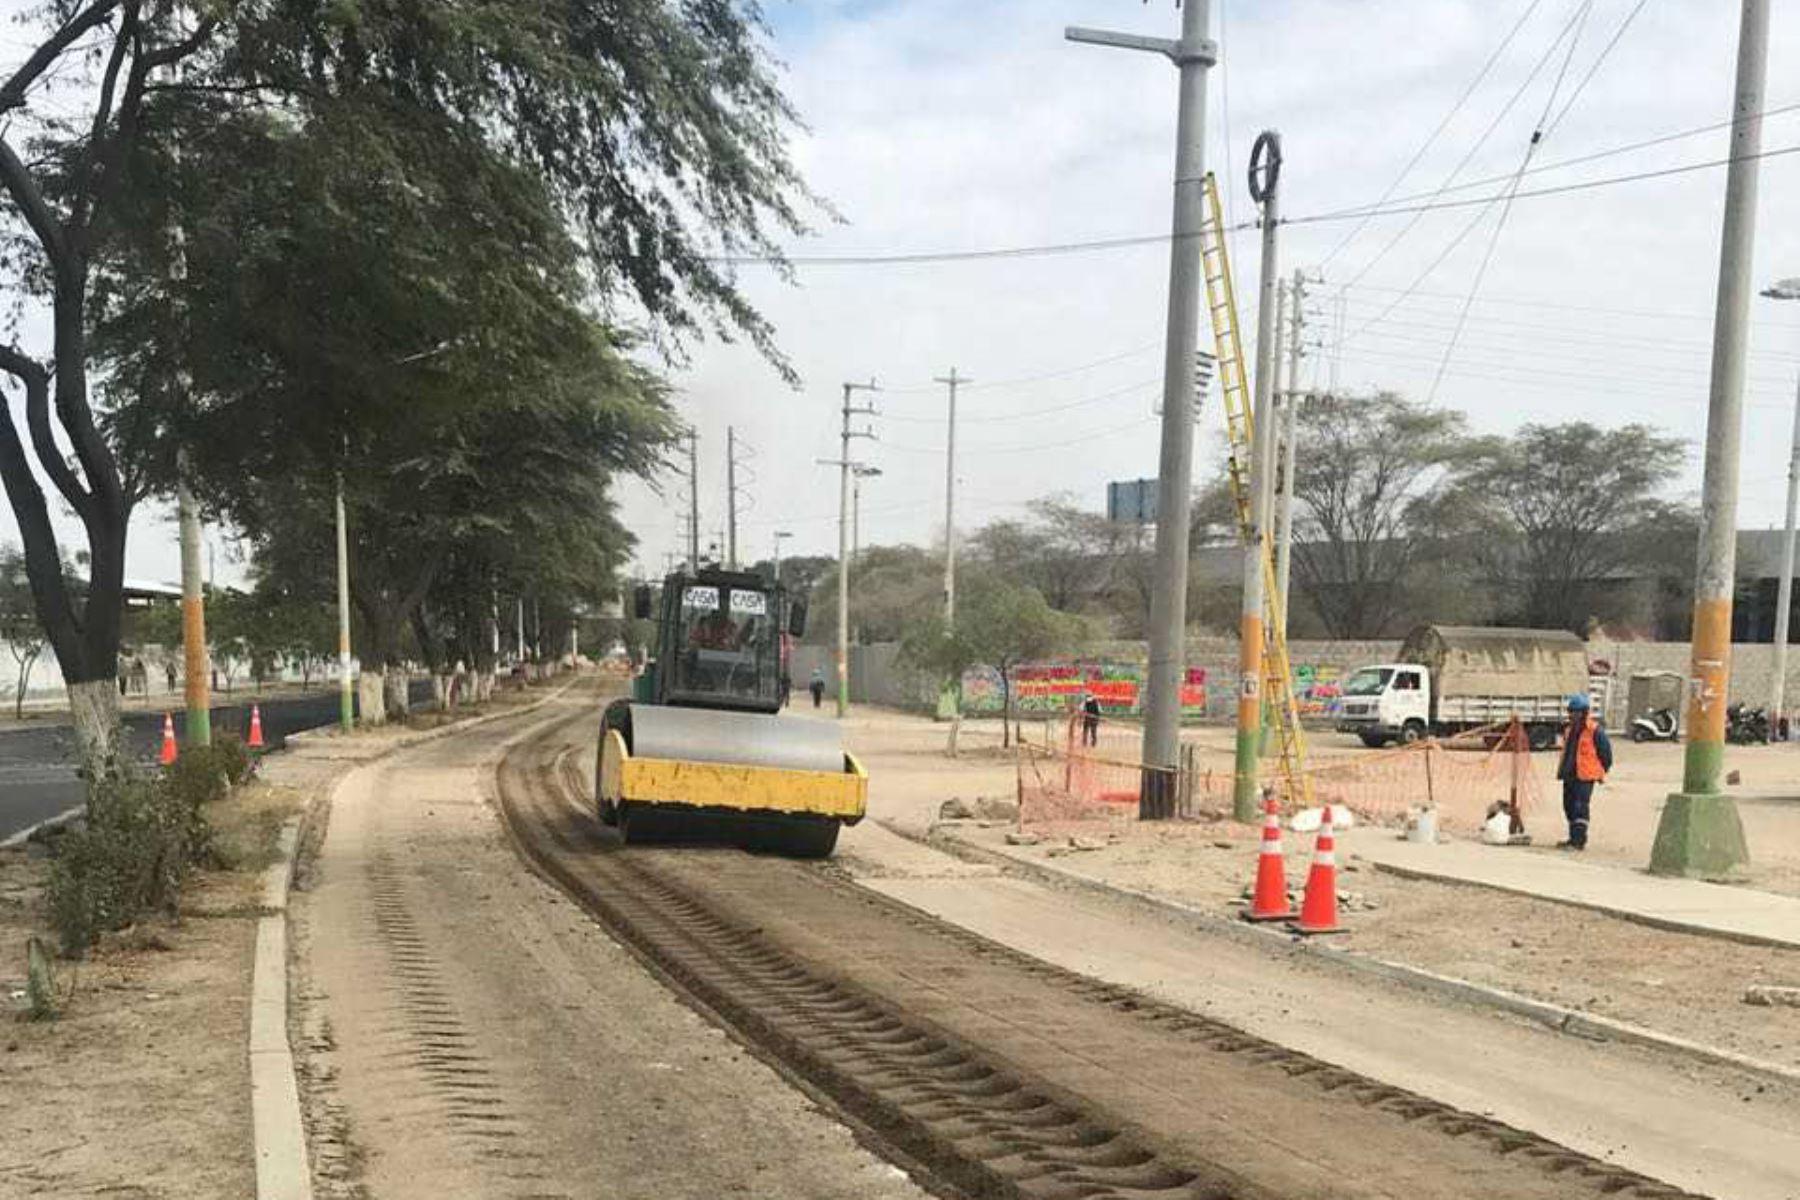 La Autoridad para la Reconstrucción con Cambios (ARCC) aprobó la transferencia de más de 20 millones de soles para la ejecución de 10 obras, principalmente para la reparación de canales de riego, pistas, veredas y trochas carrozables.